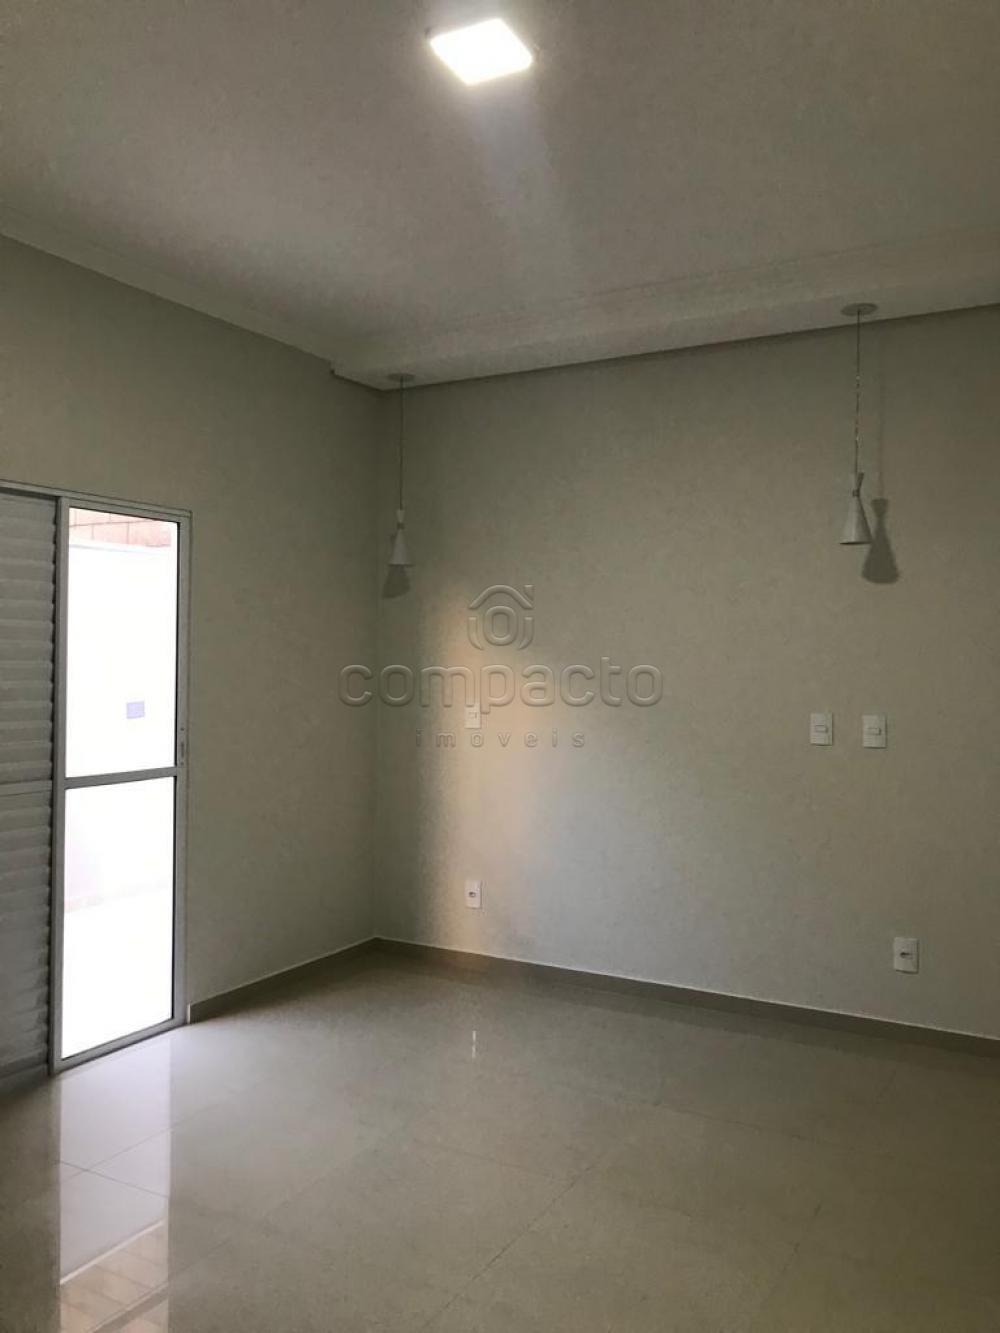 Comprar Casa / Condomínio em São José do Rio Preto apenas R$ 680.000,00 - Foto 5